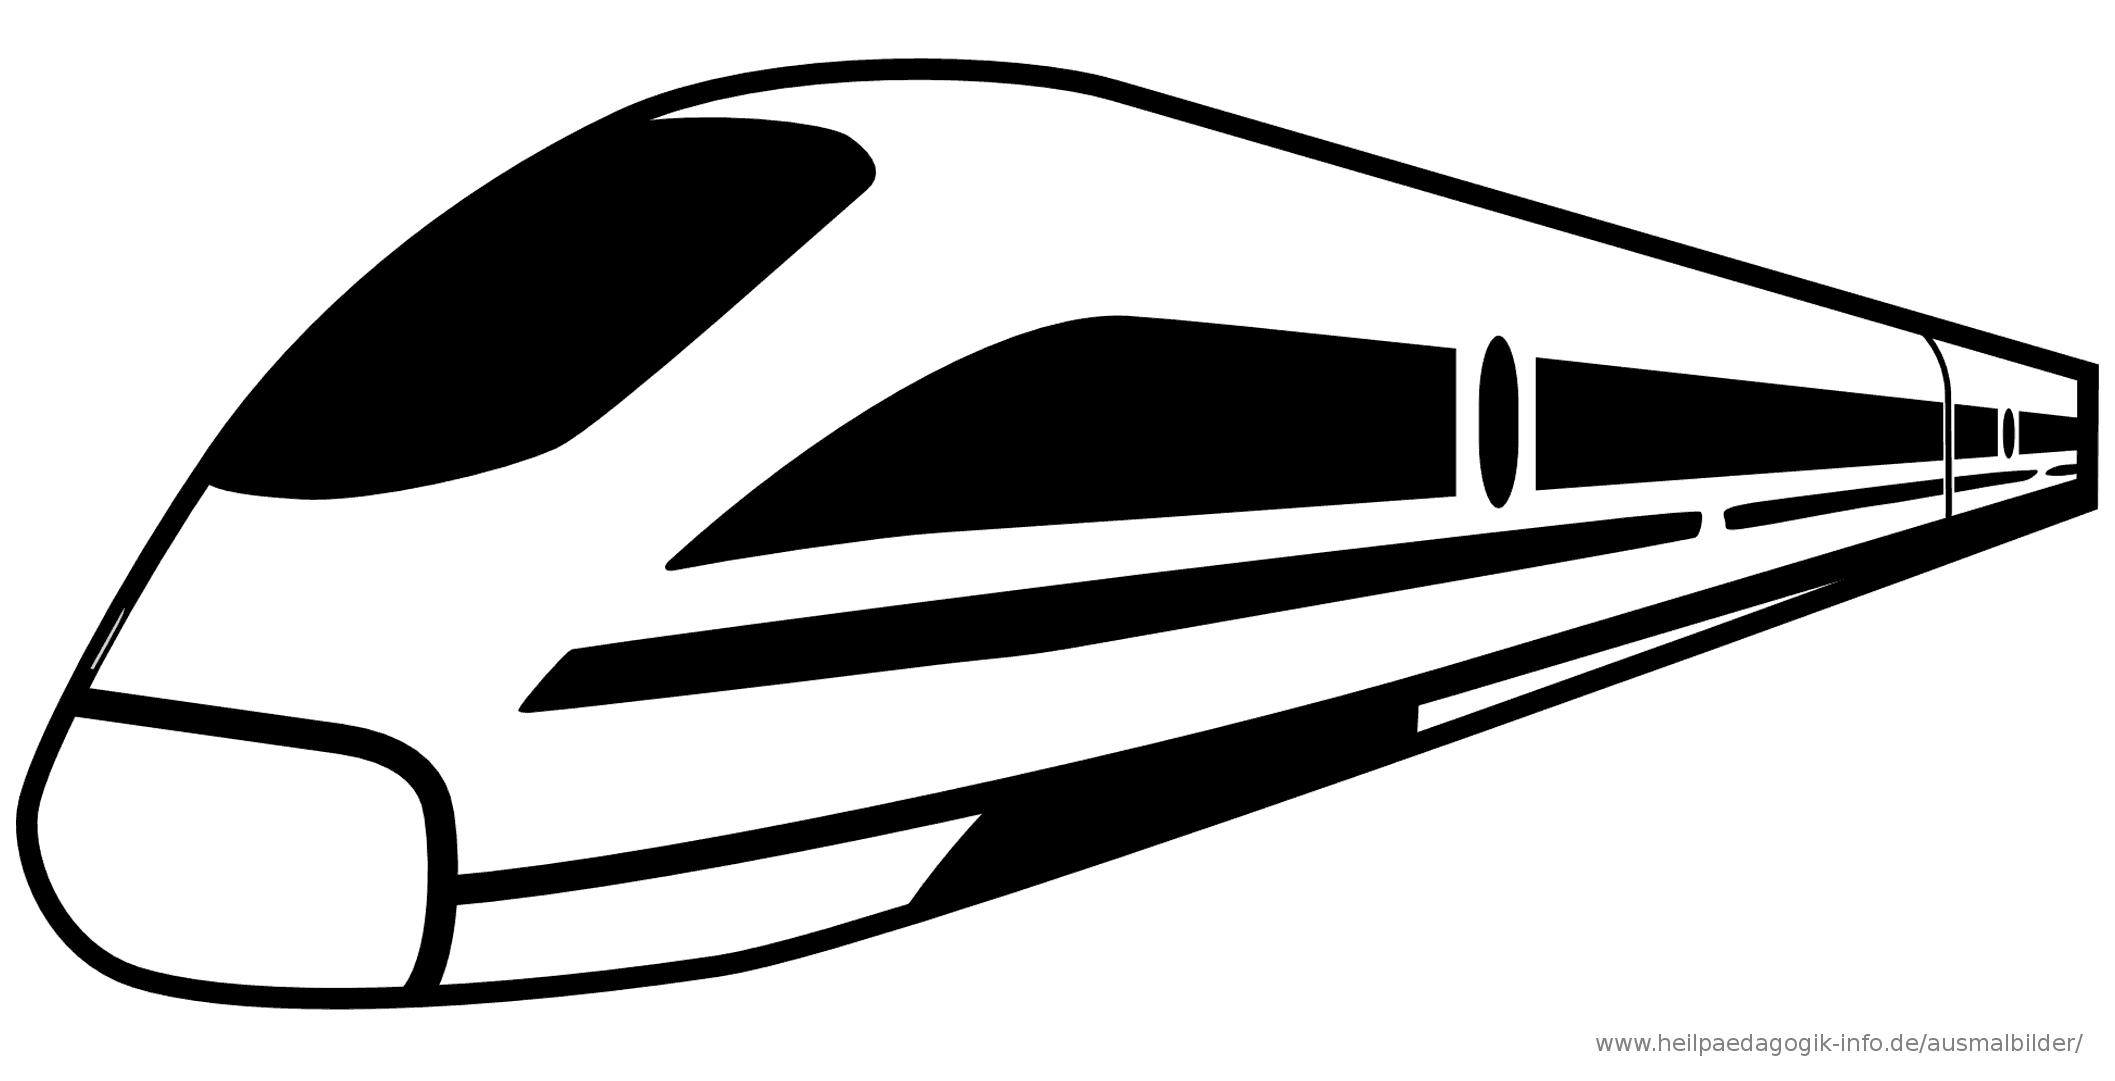 Ausmalbilder Eisenbahn - 1Ausmalbilder | Ausmalen in Eisenbahn Ausmalbilder